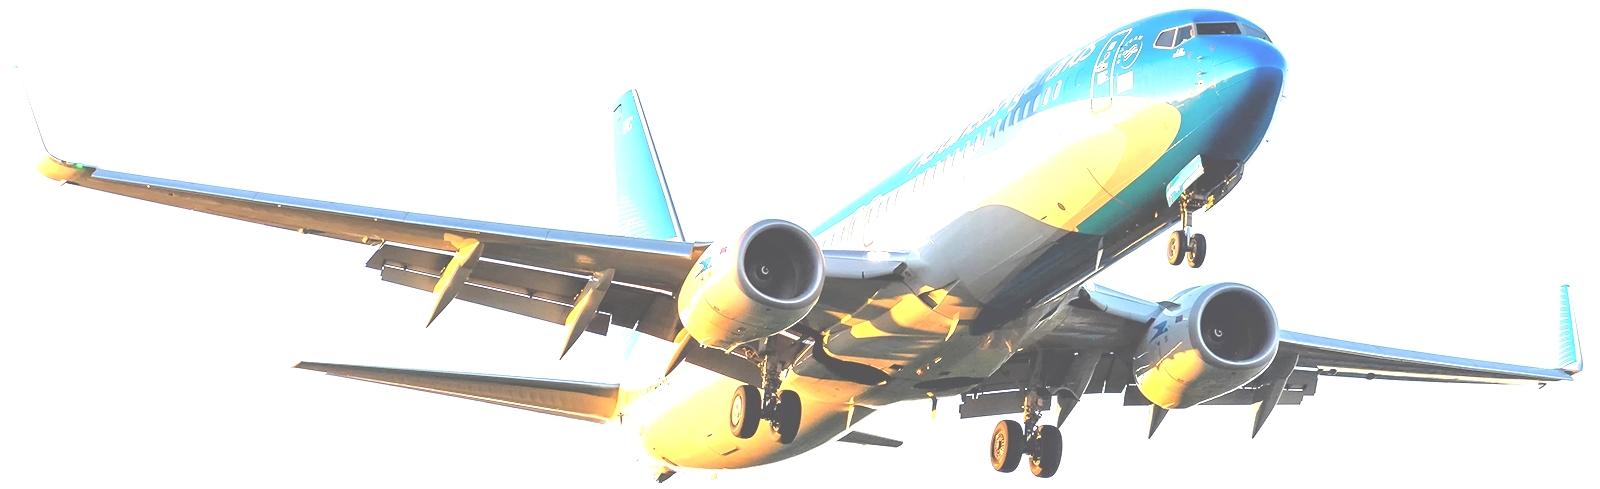 AW-700737NG